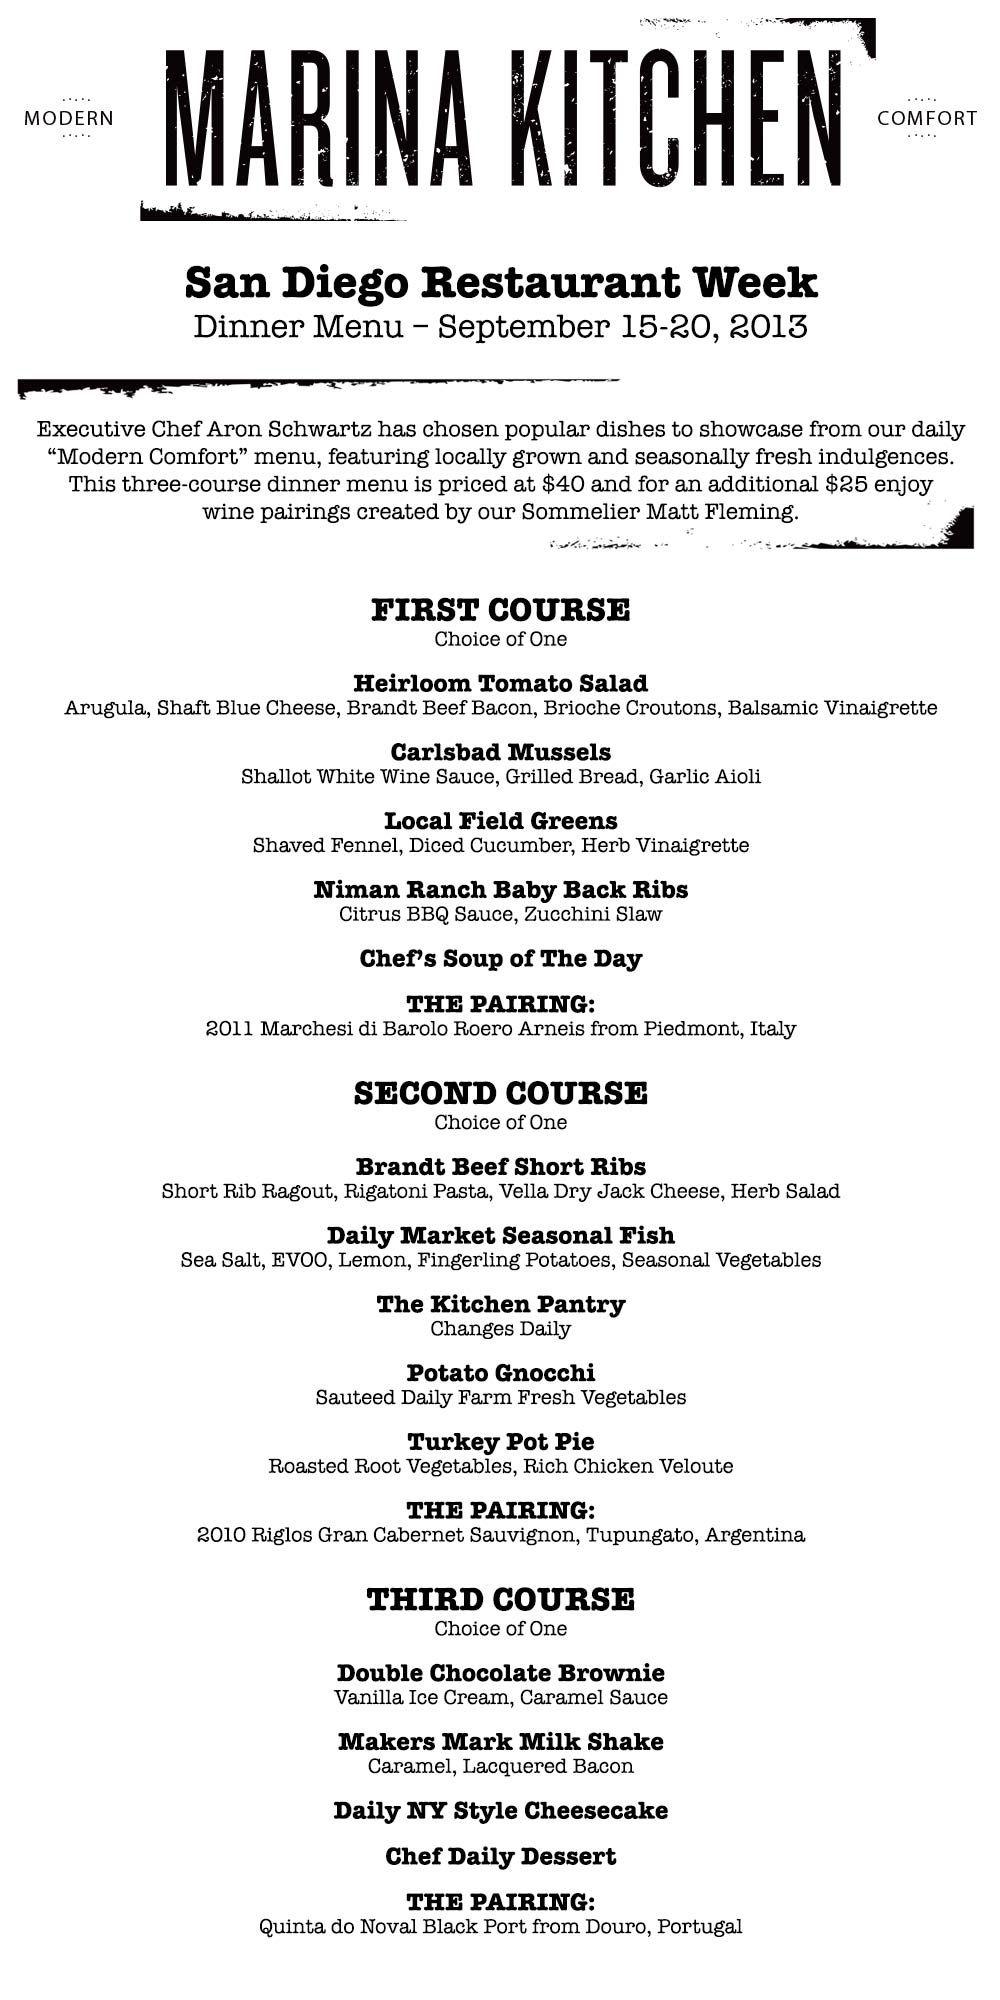 Marina Kitchen S San Diego Restaurant Week 3 Course Dinner Menu